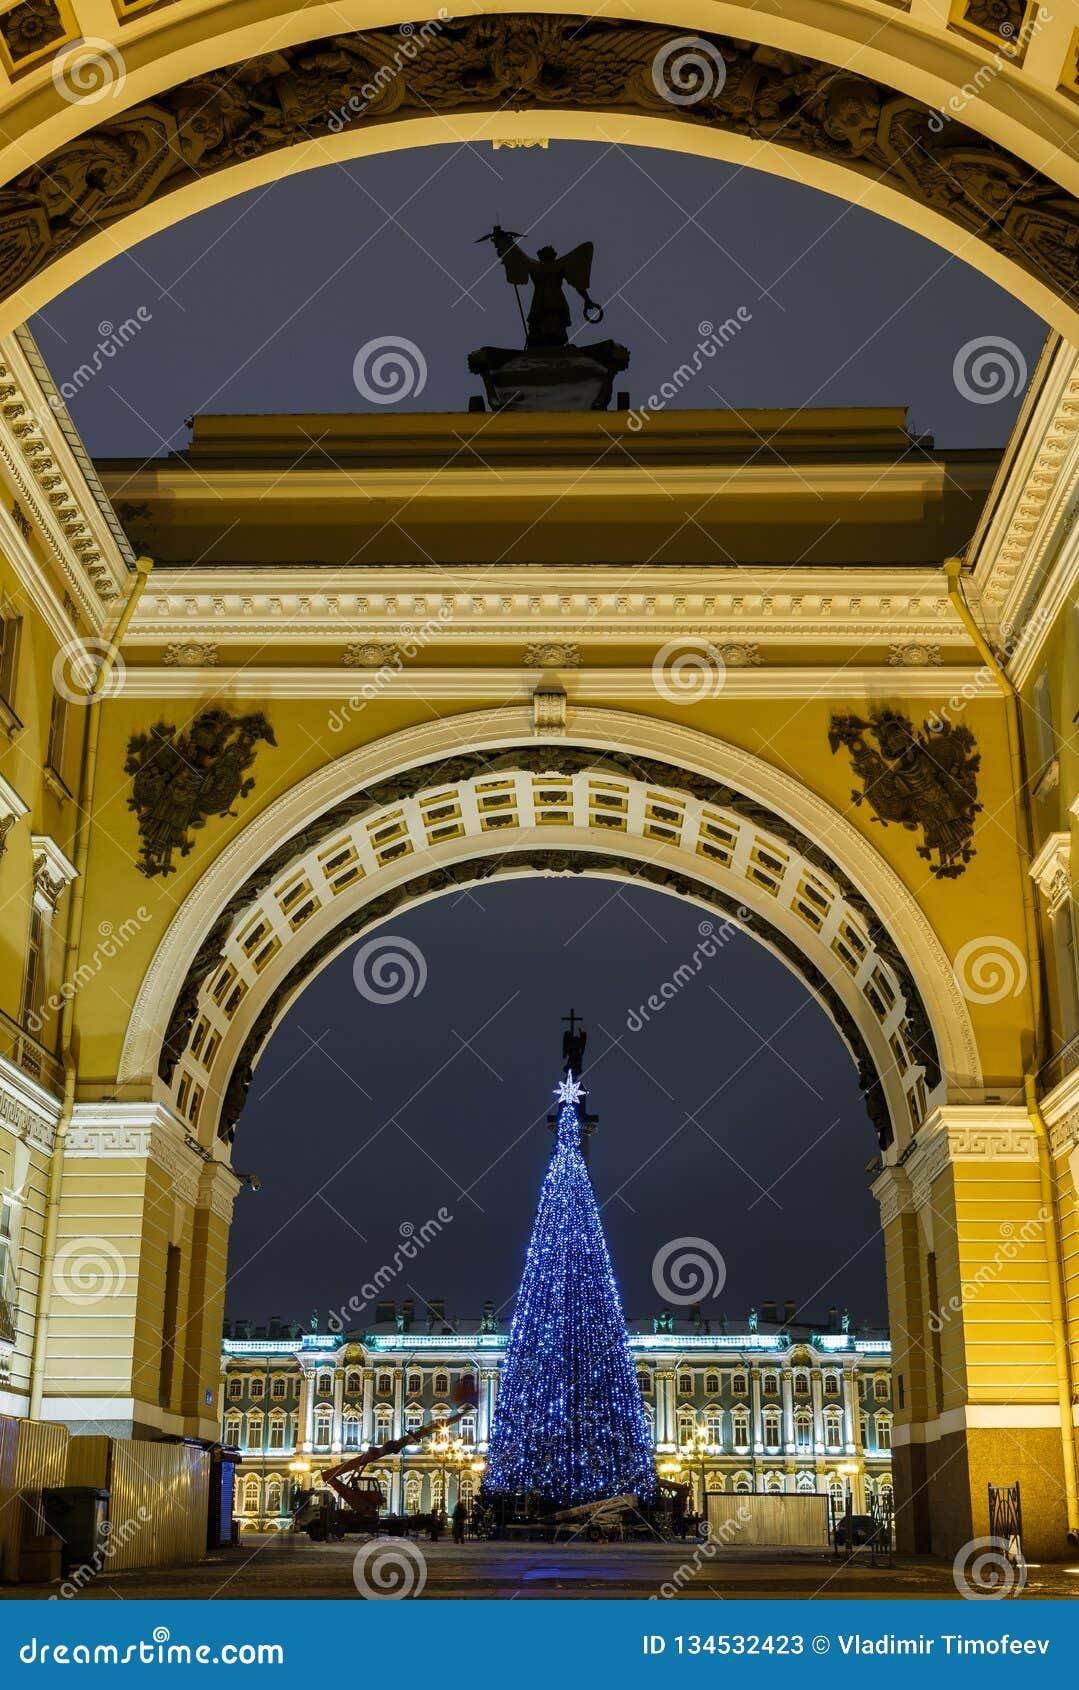 La Navidad St Petersburg Vista del cuadrado del palacio a través del arco de la iluminación brillante de la noche del estado mayo